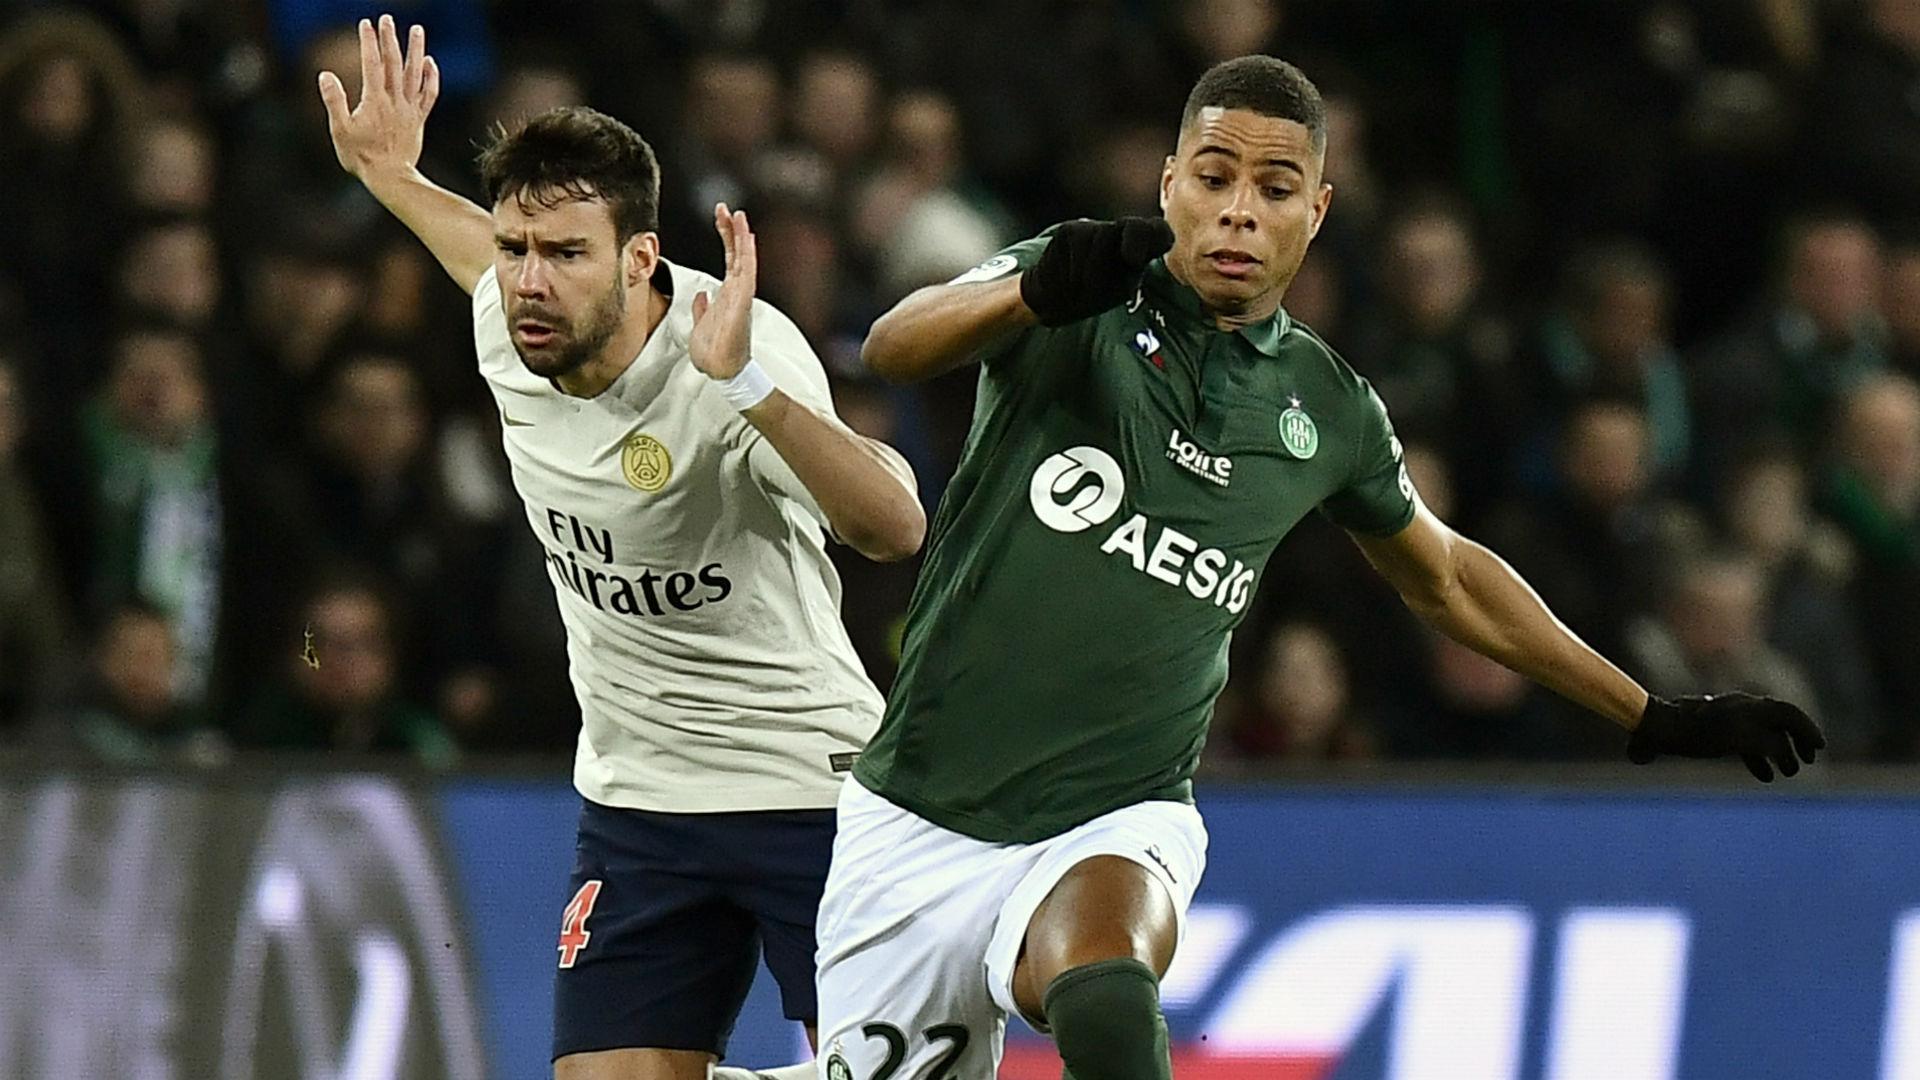 Juan Bernat Kevin Monnet-Paquet Saint-Etienne PSG Ligue 1 17022018